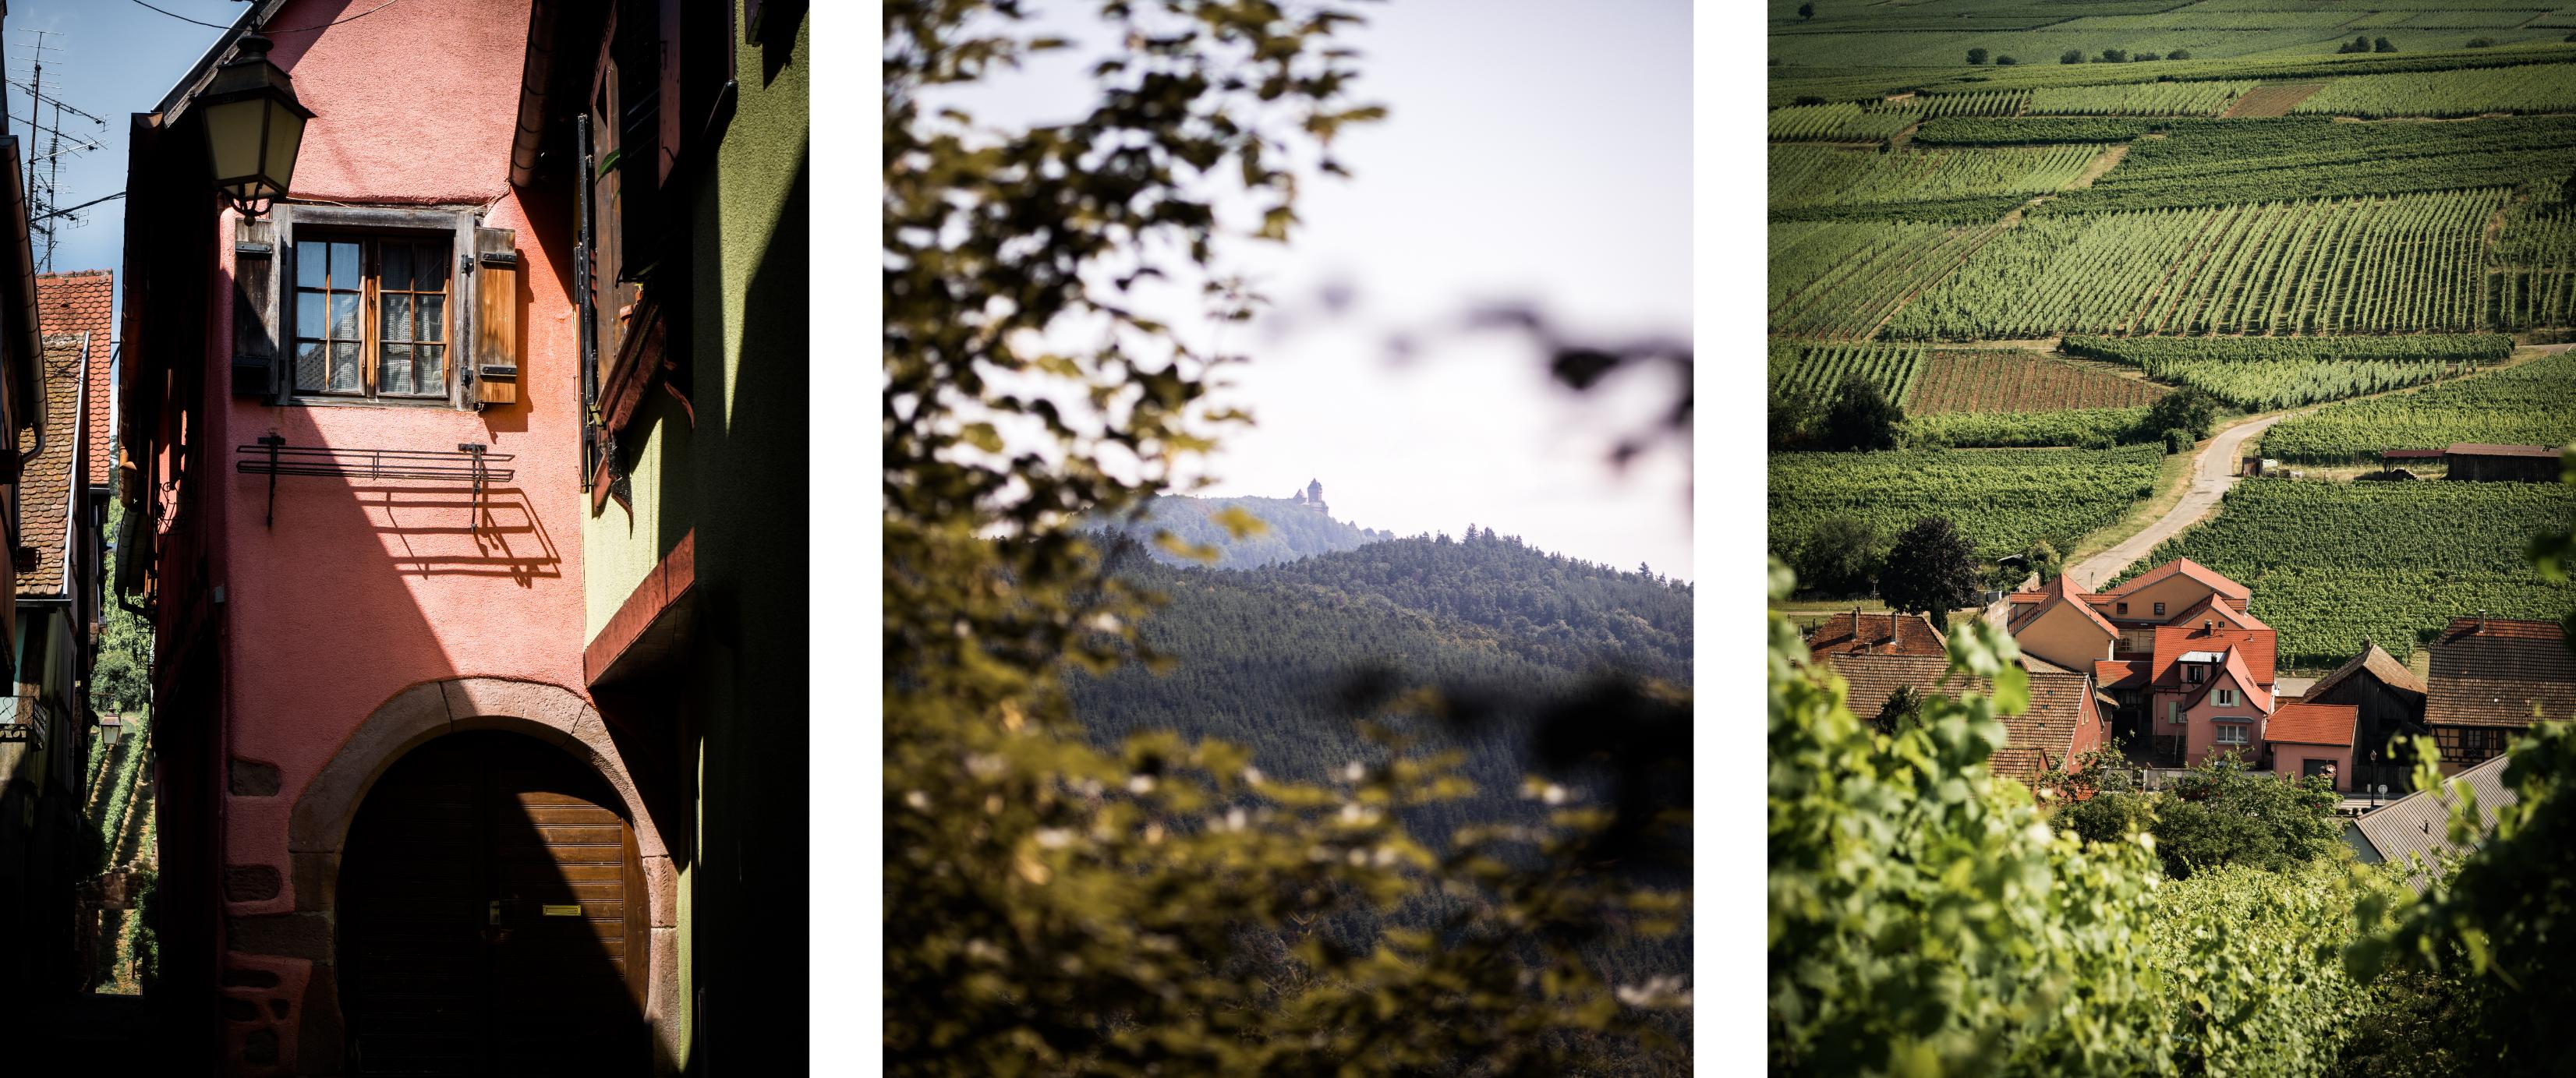 cabane dans les arbres en Alsace - pays de Ribauvillé et Riquewhir - que voir en Alsace